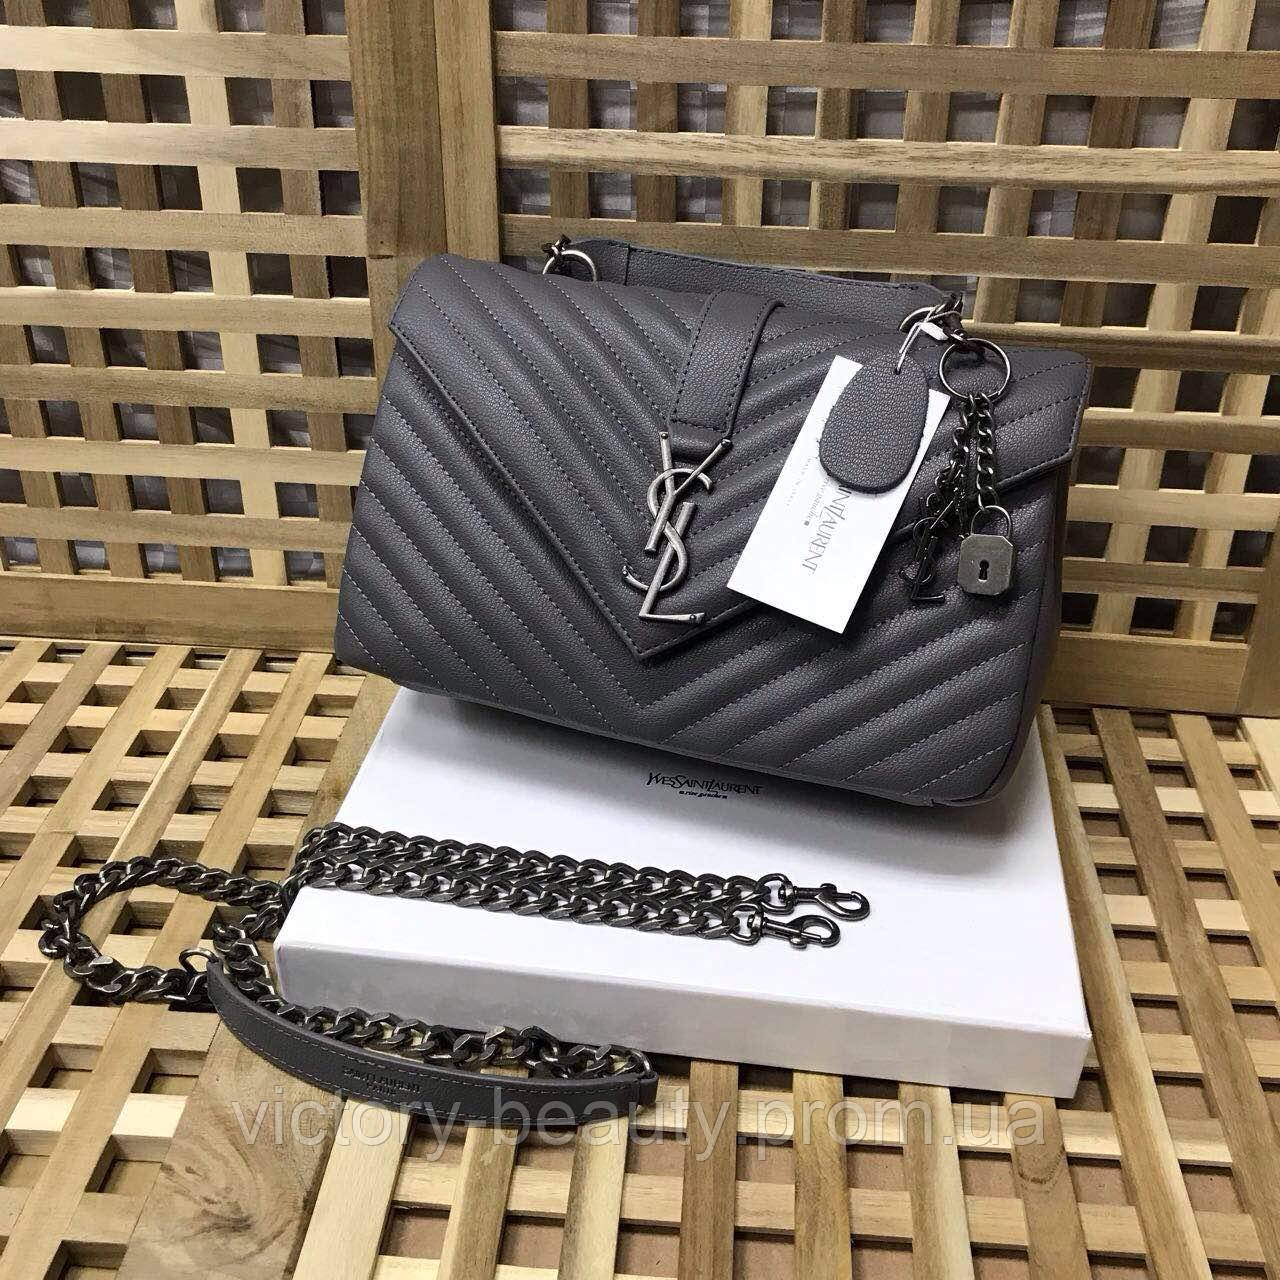 ee1d2fa6a6f3 сумка копия люкс Yves Saint Laurent продажа цена в харькове